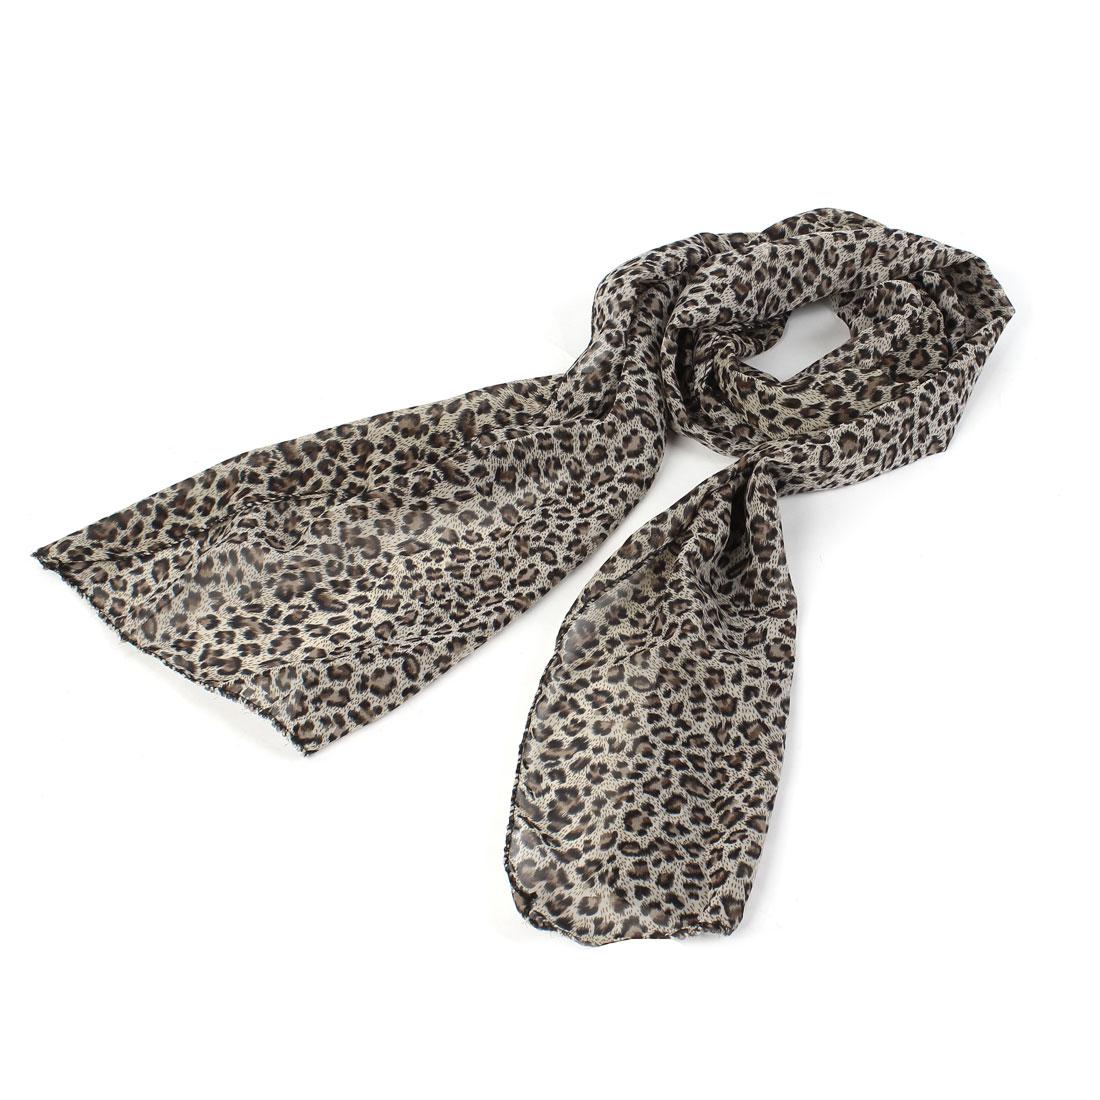 Ladies Leopard Pattern Chiffon Neck Scraf Neckerchief Brown Black